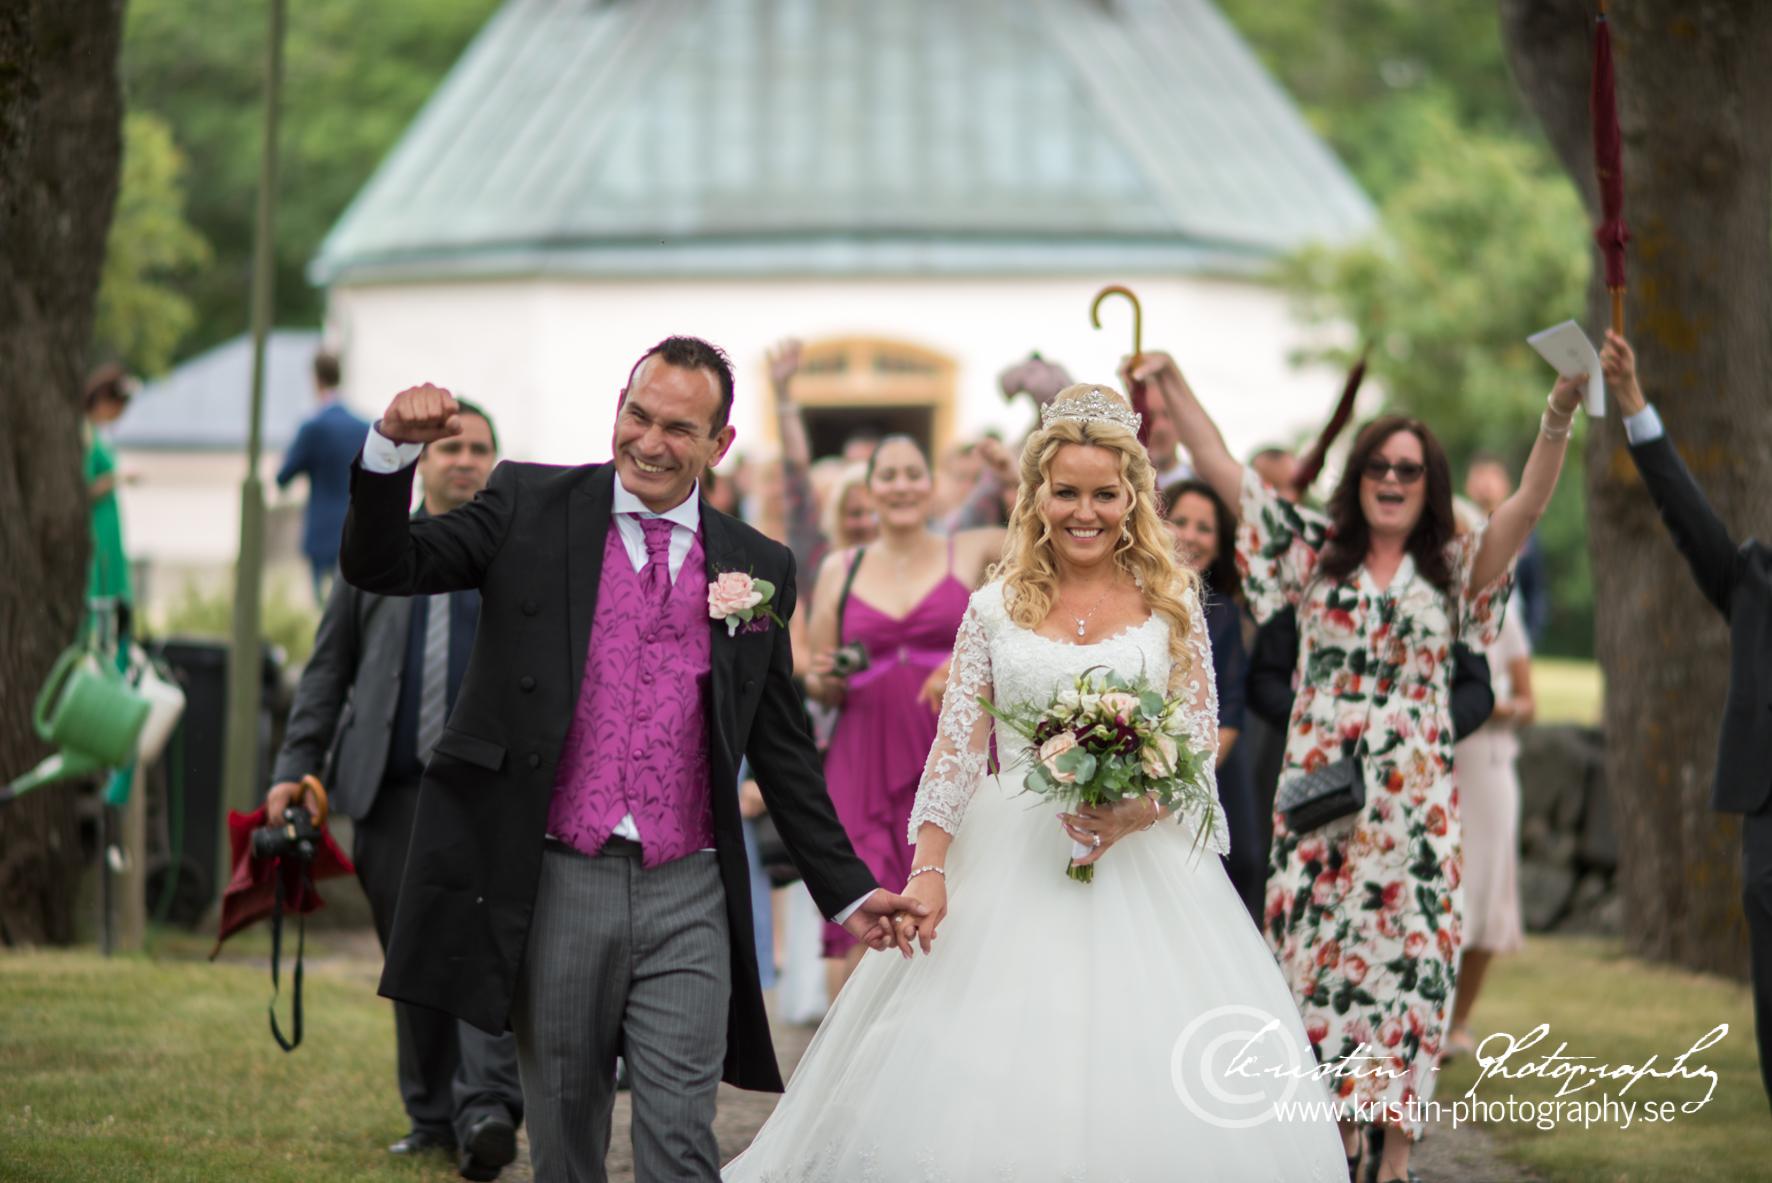 Bröllopsfotograf i Eskilstuna, Kristin - Photography-238.jpg